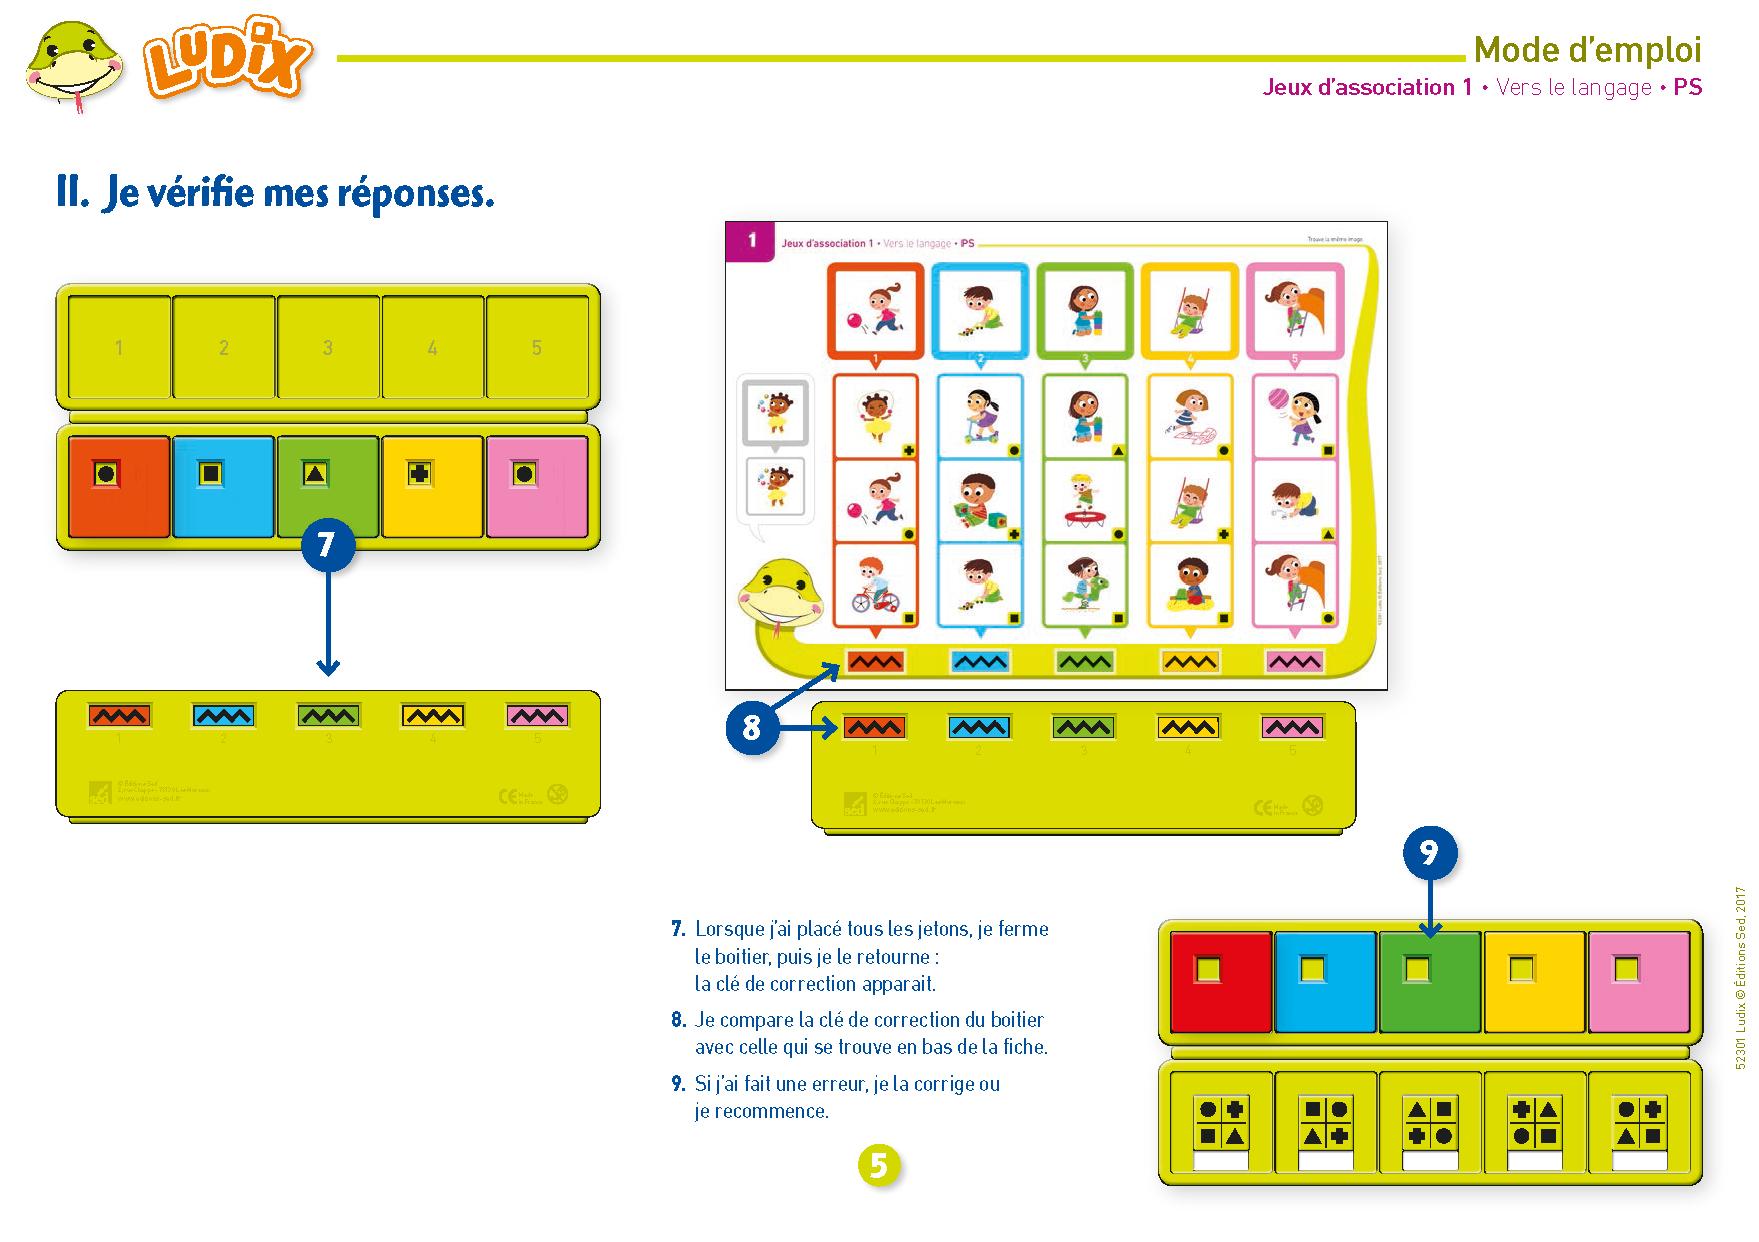 Ludix Jeux D'association 1 Vers Le Langage Ps avec Jeux Pedagogique Maternelle